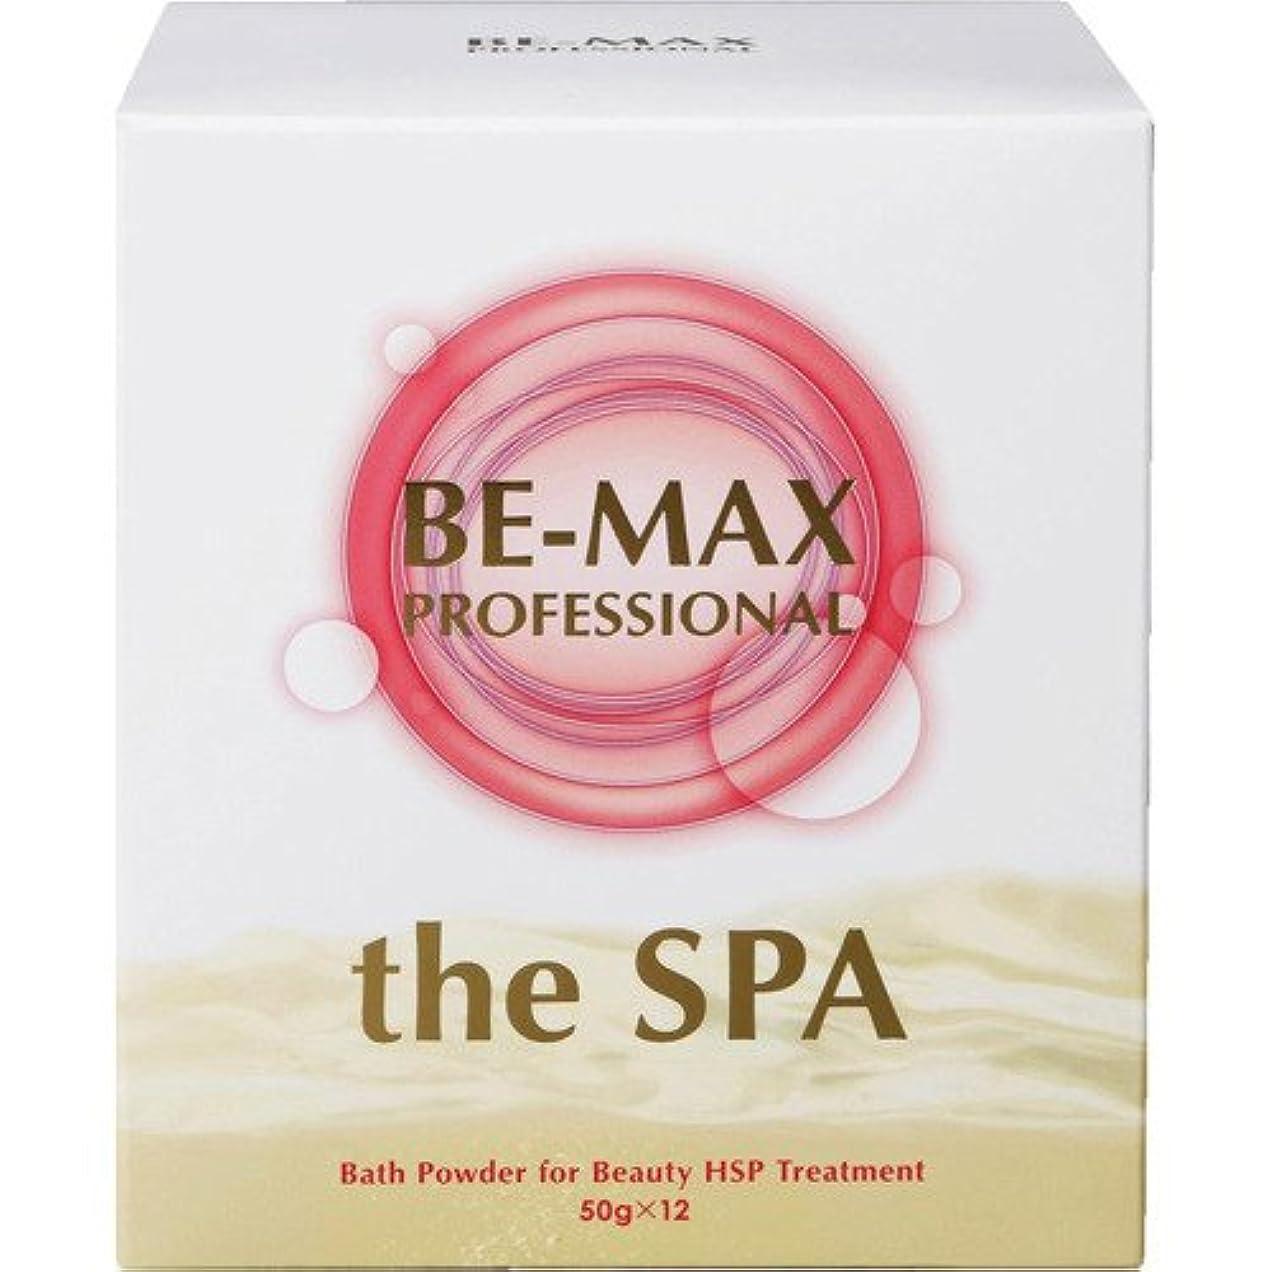 ポイント鷲国民BE-MAX the SPA 入浴剤 柑橘系ハーブ精油がふわりと香る微炭酸湯